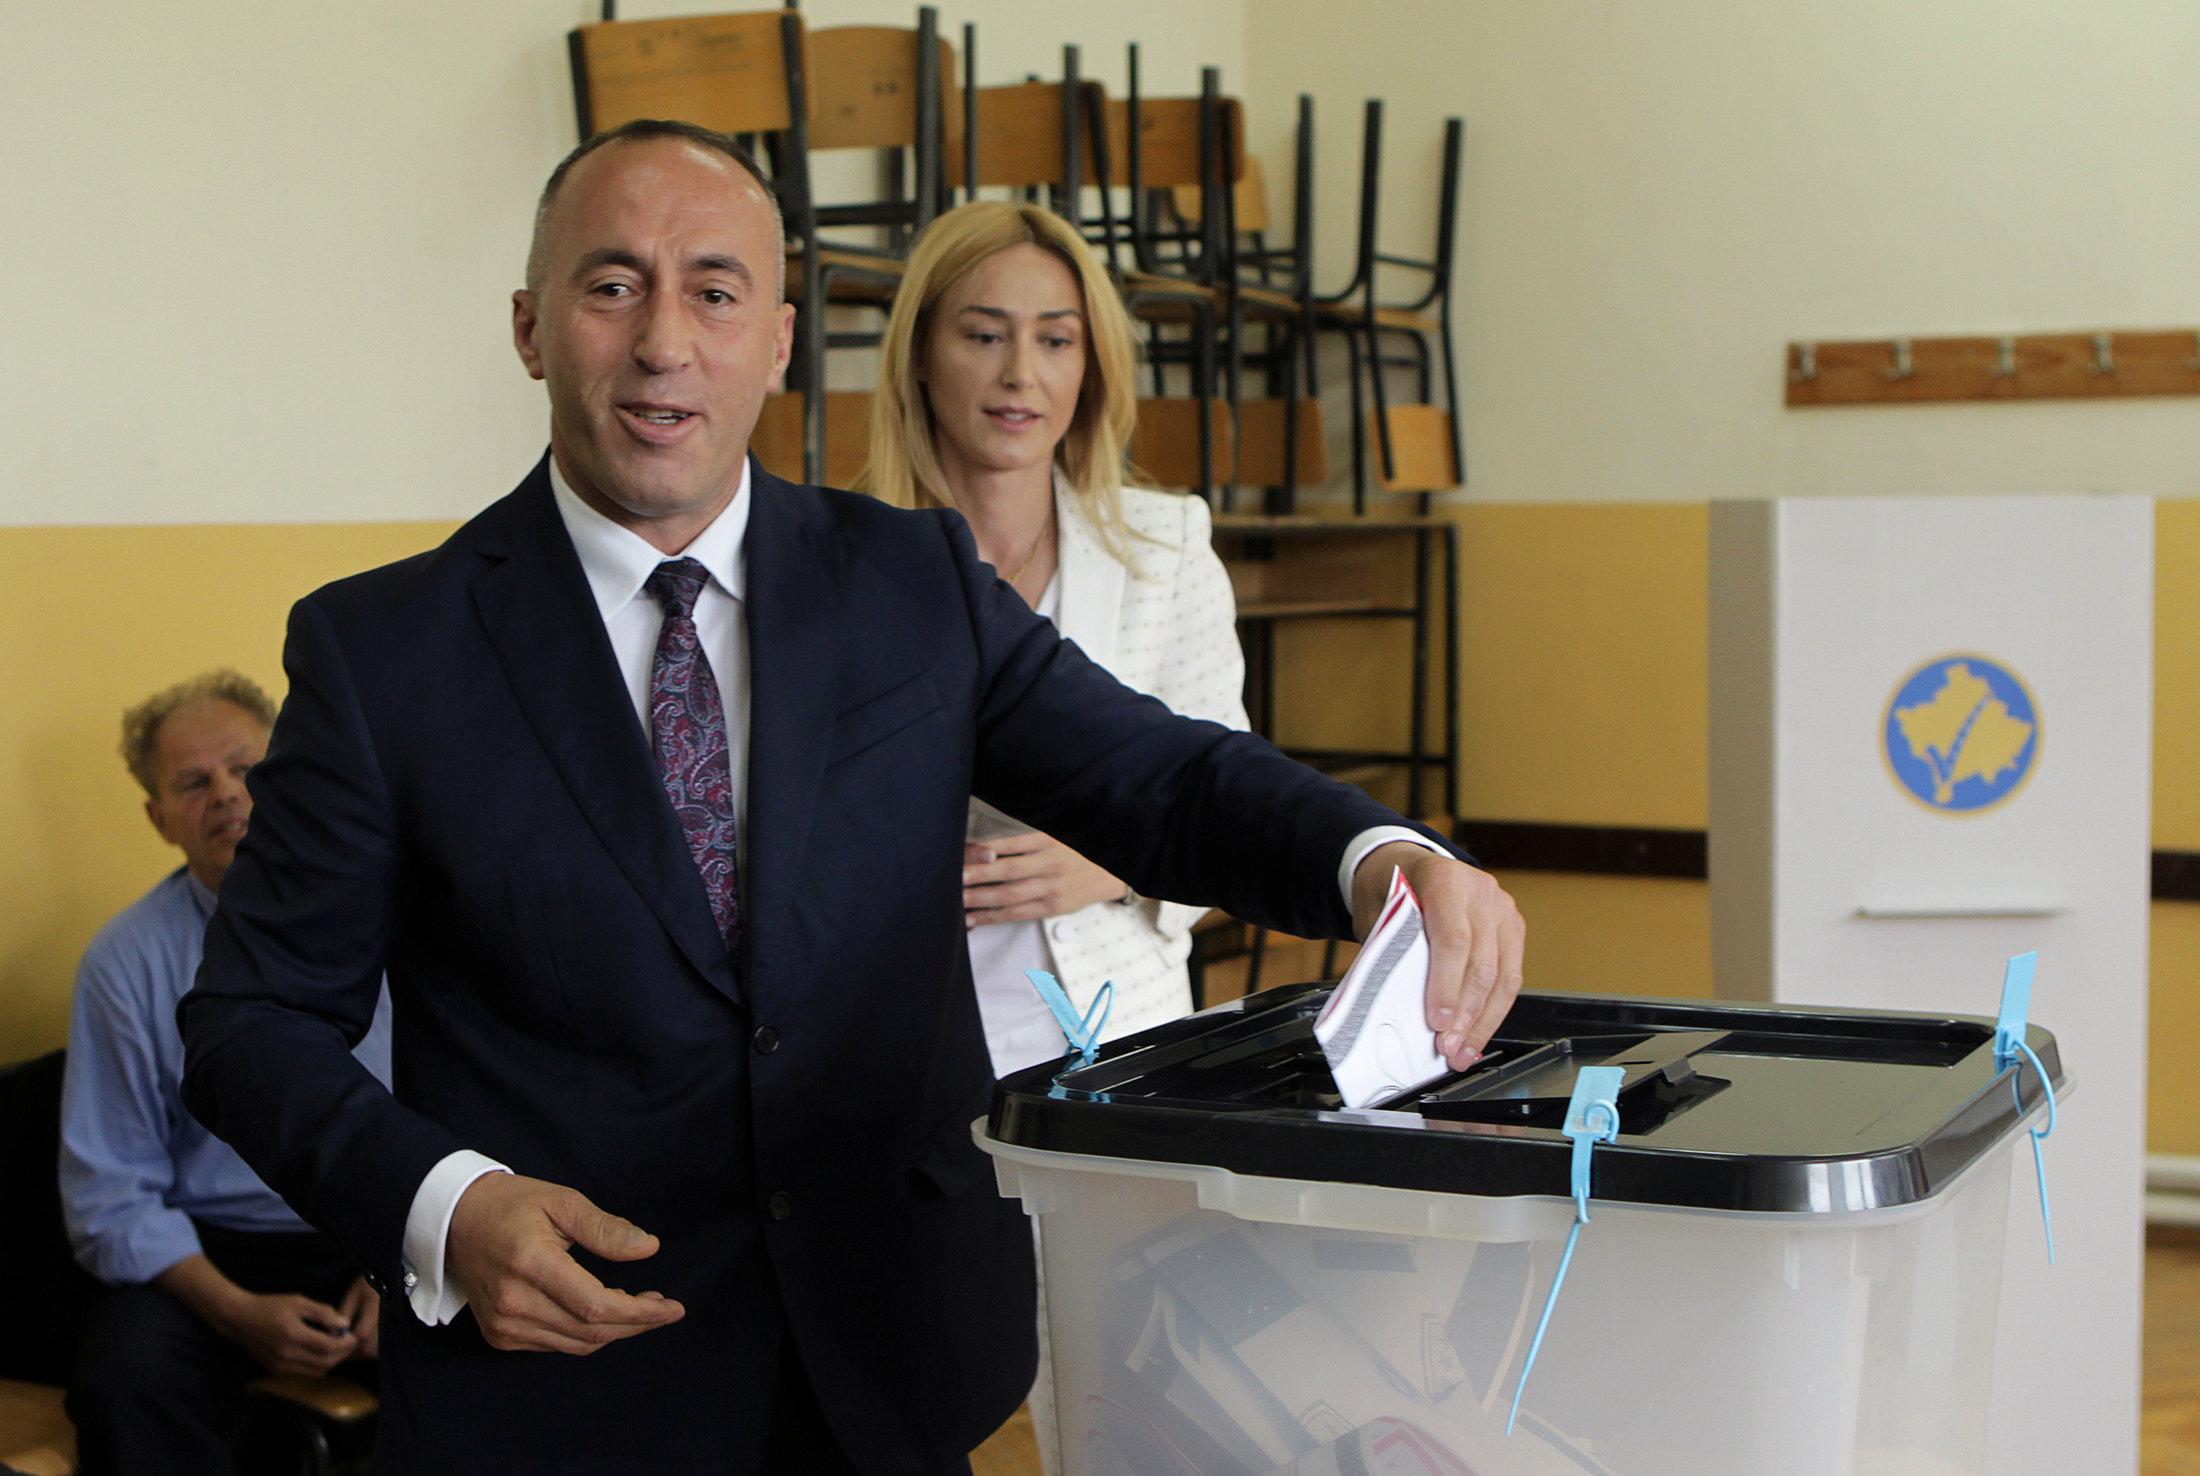 راموش هاراديناج المرشح لرئاسة وزراء كوسوفو يدلى بصوته